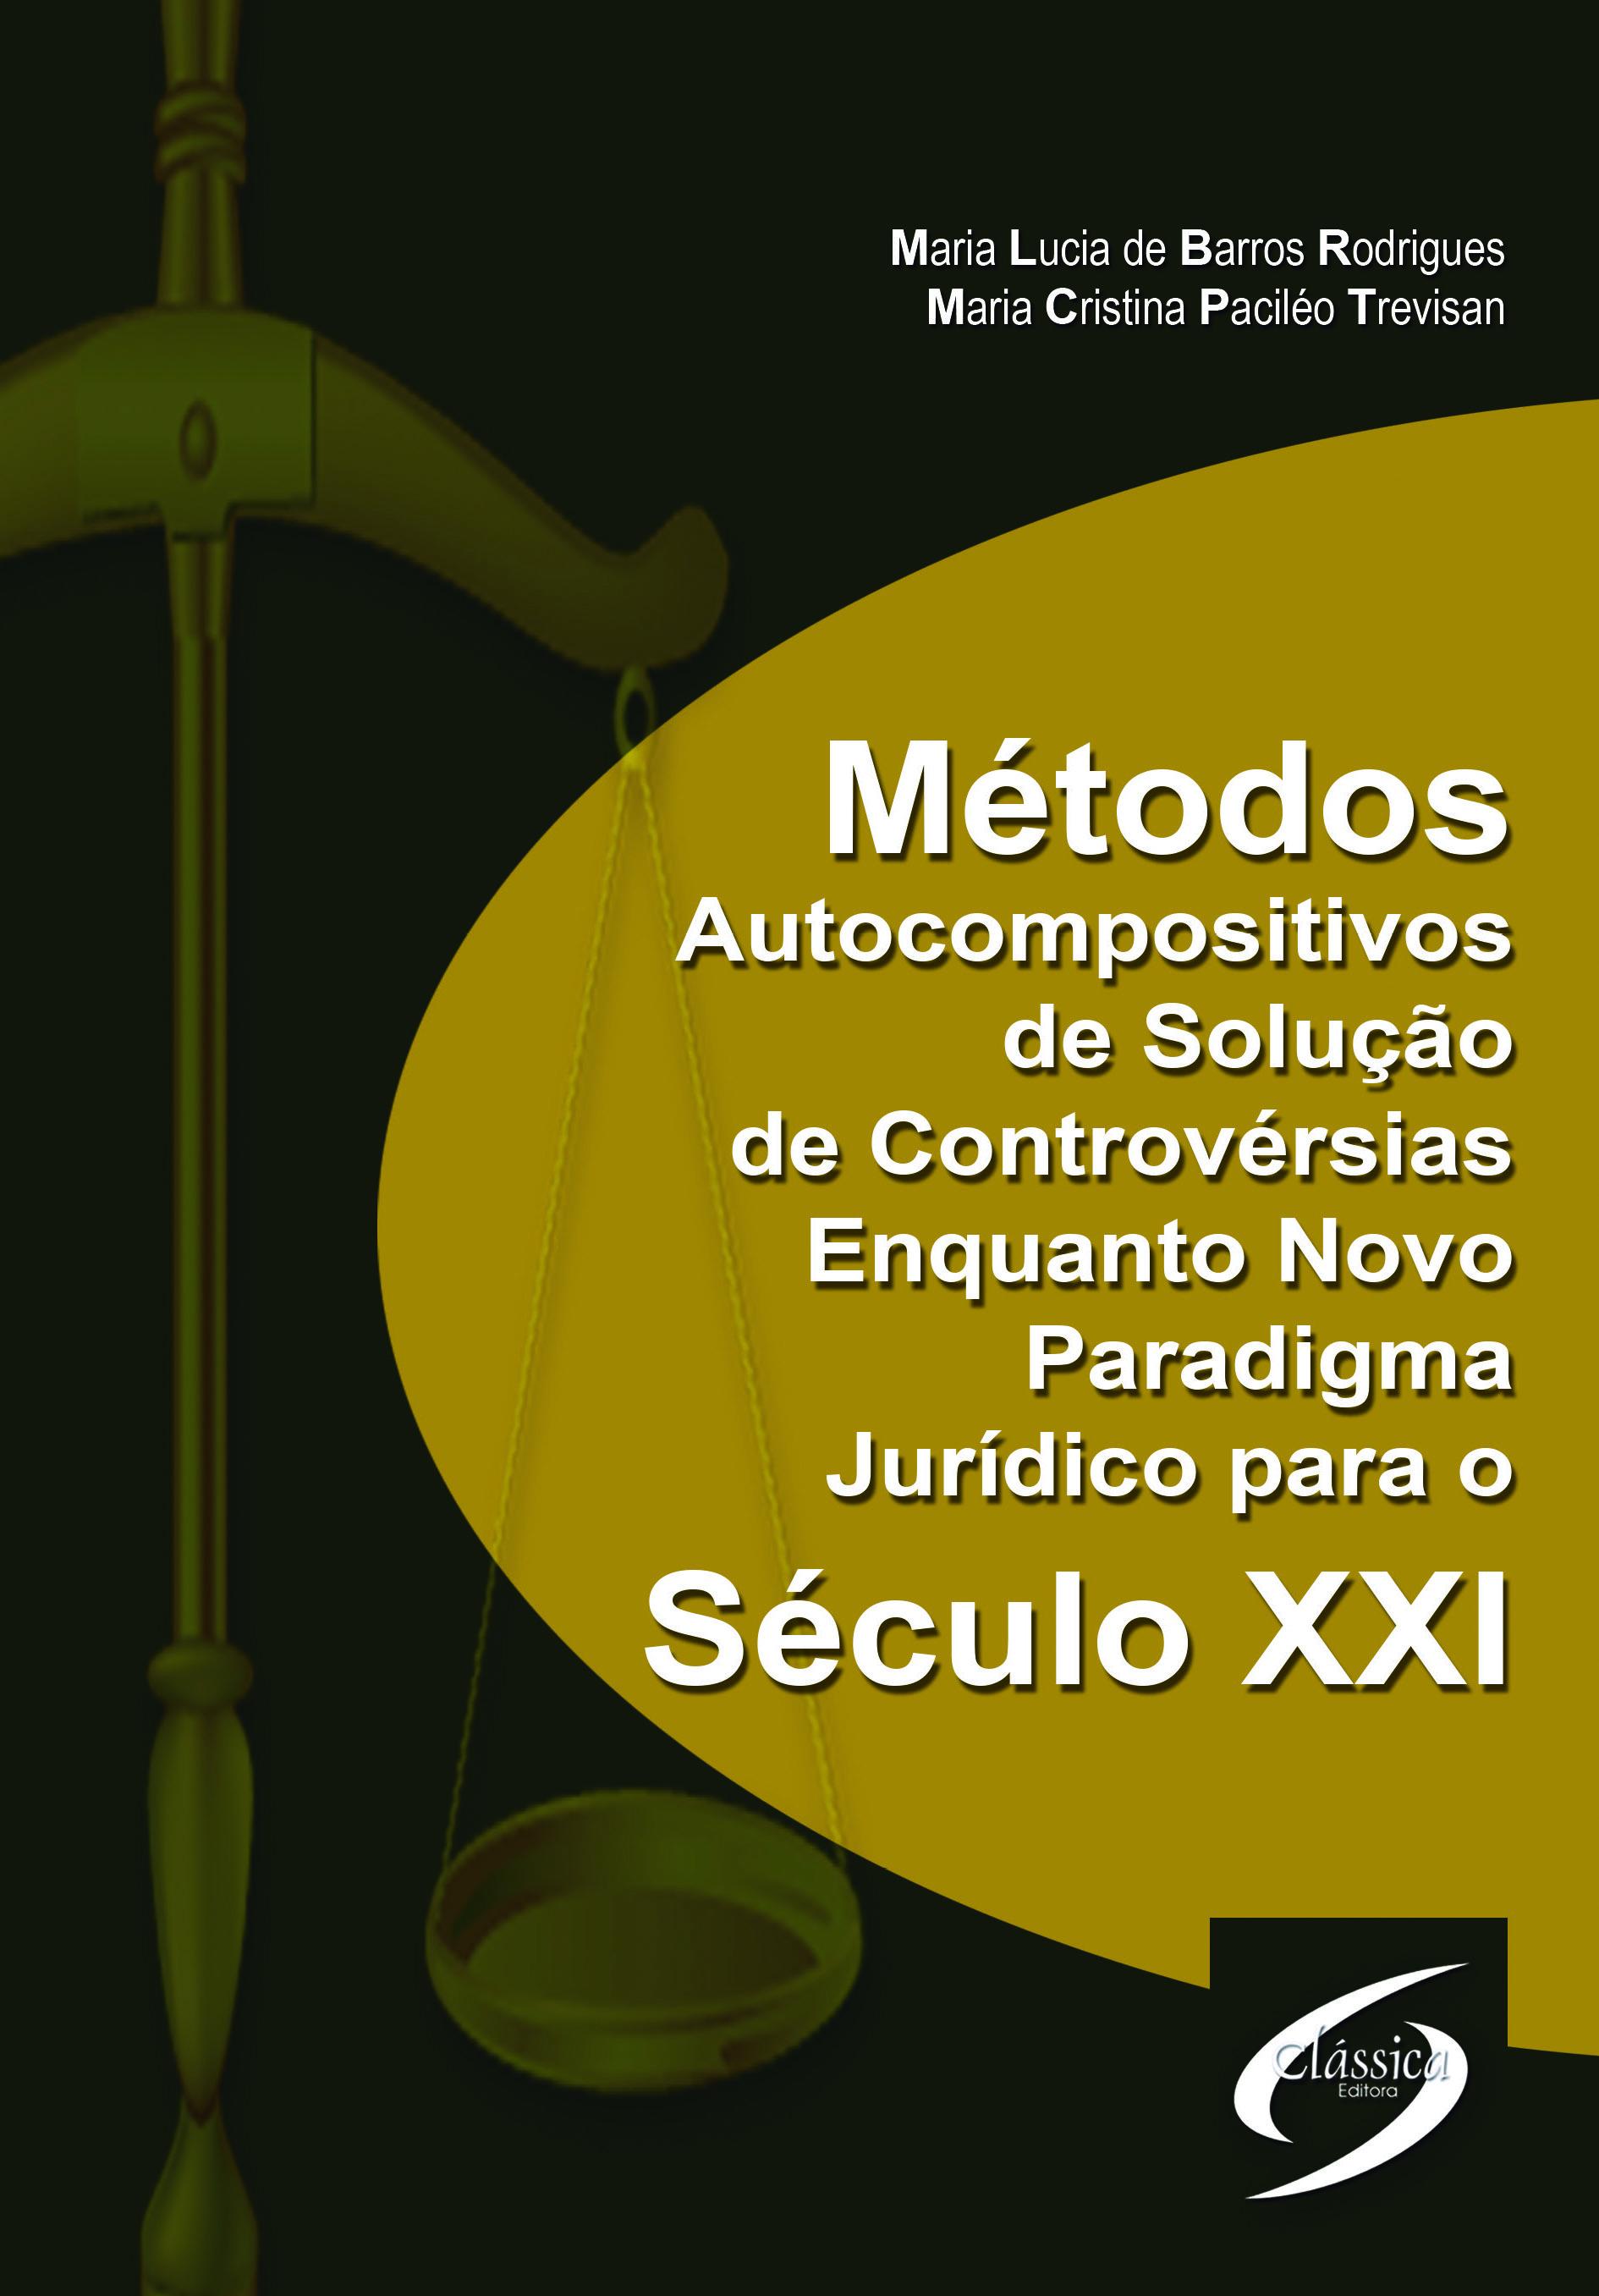 Métodos Autocompositivos de Solução de Controvérsias Enquanto Novo Paradigma Jurídico para o Século XXI